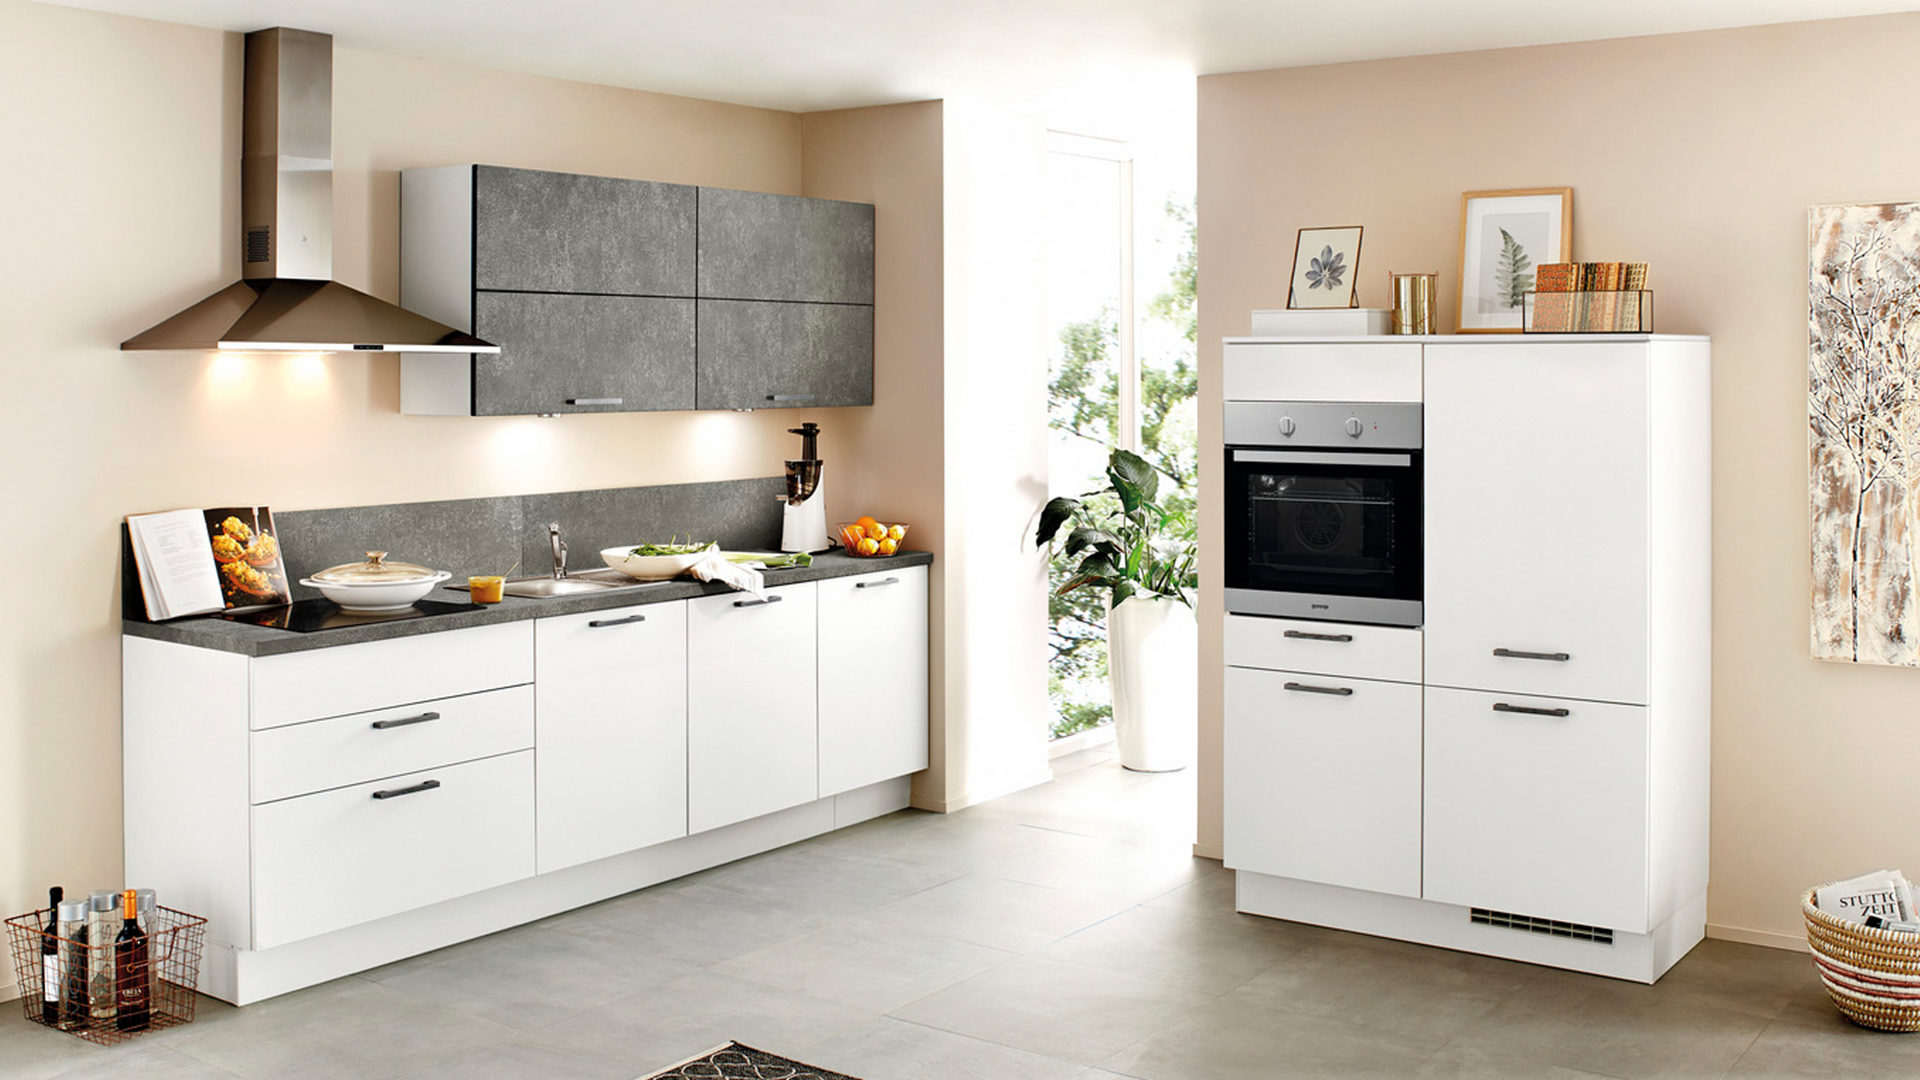 ... Küchen, Einbauküche, Einbauküche Mit Gorenje Elektrogeräten, Weiße U0026  Beton Schiefergraue Kunststoffoberflächen, Arbeitsplatten Beton Schiefergrau